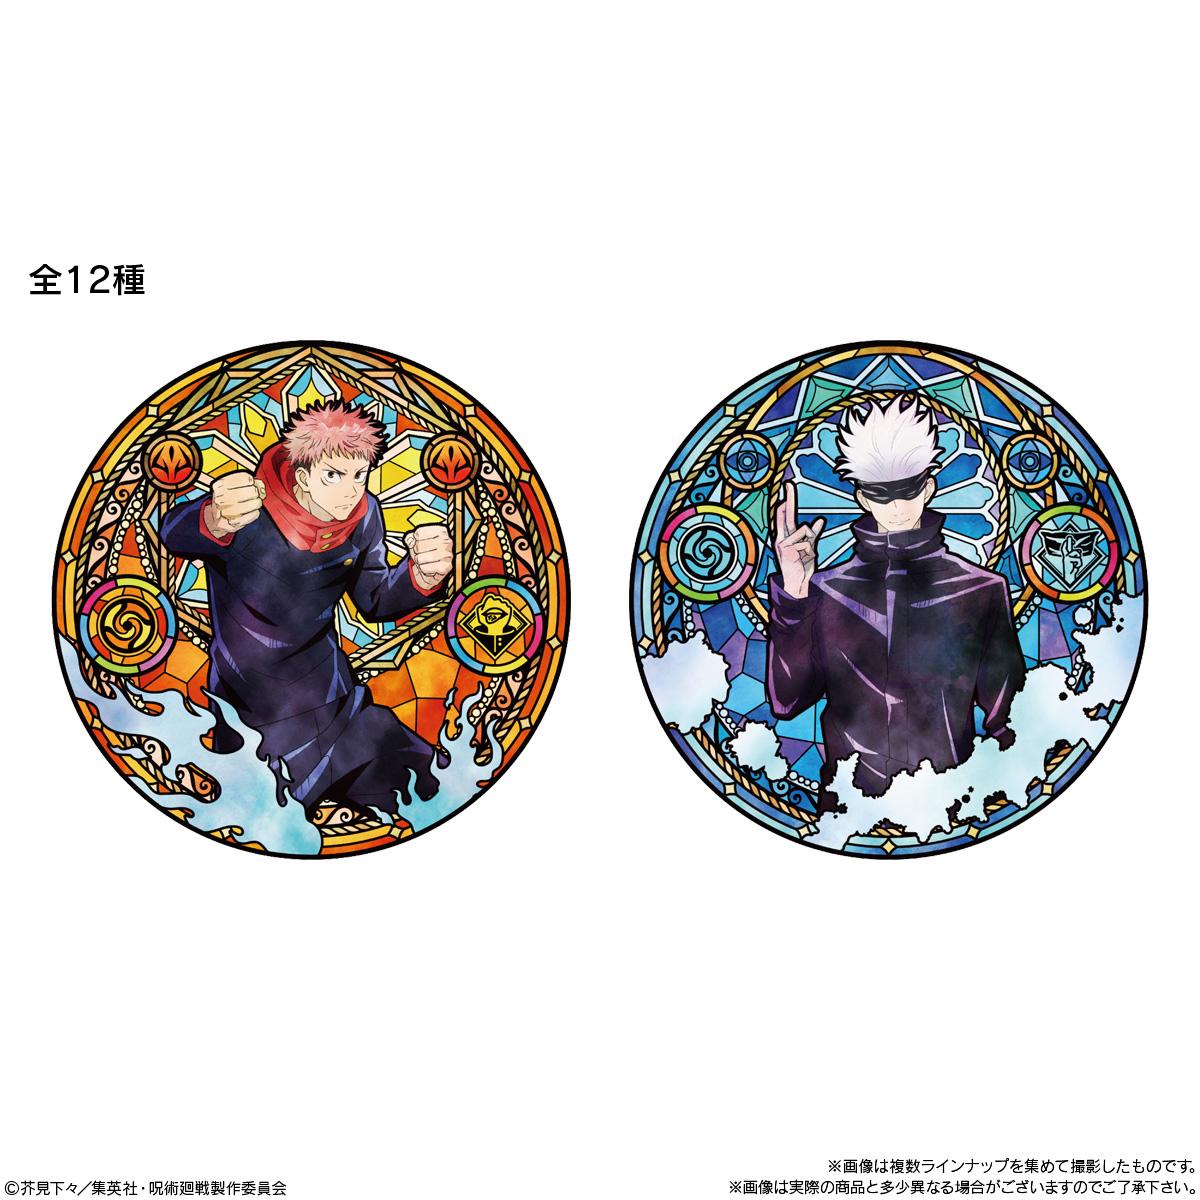 【食玩】呪術廻戦『ディスクART 呪術廻戦』12個入りBOX-003